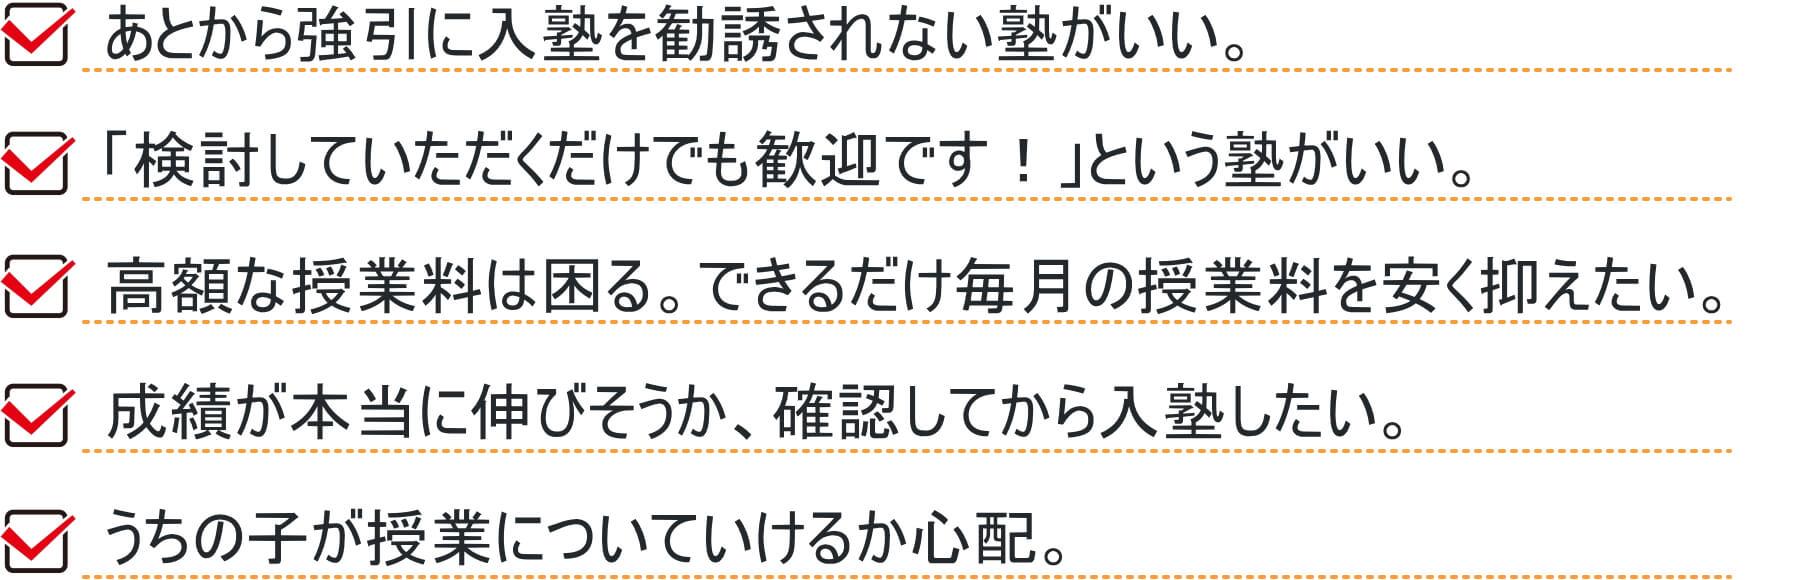 石井進学塾51点アップ 塾の選び方